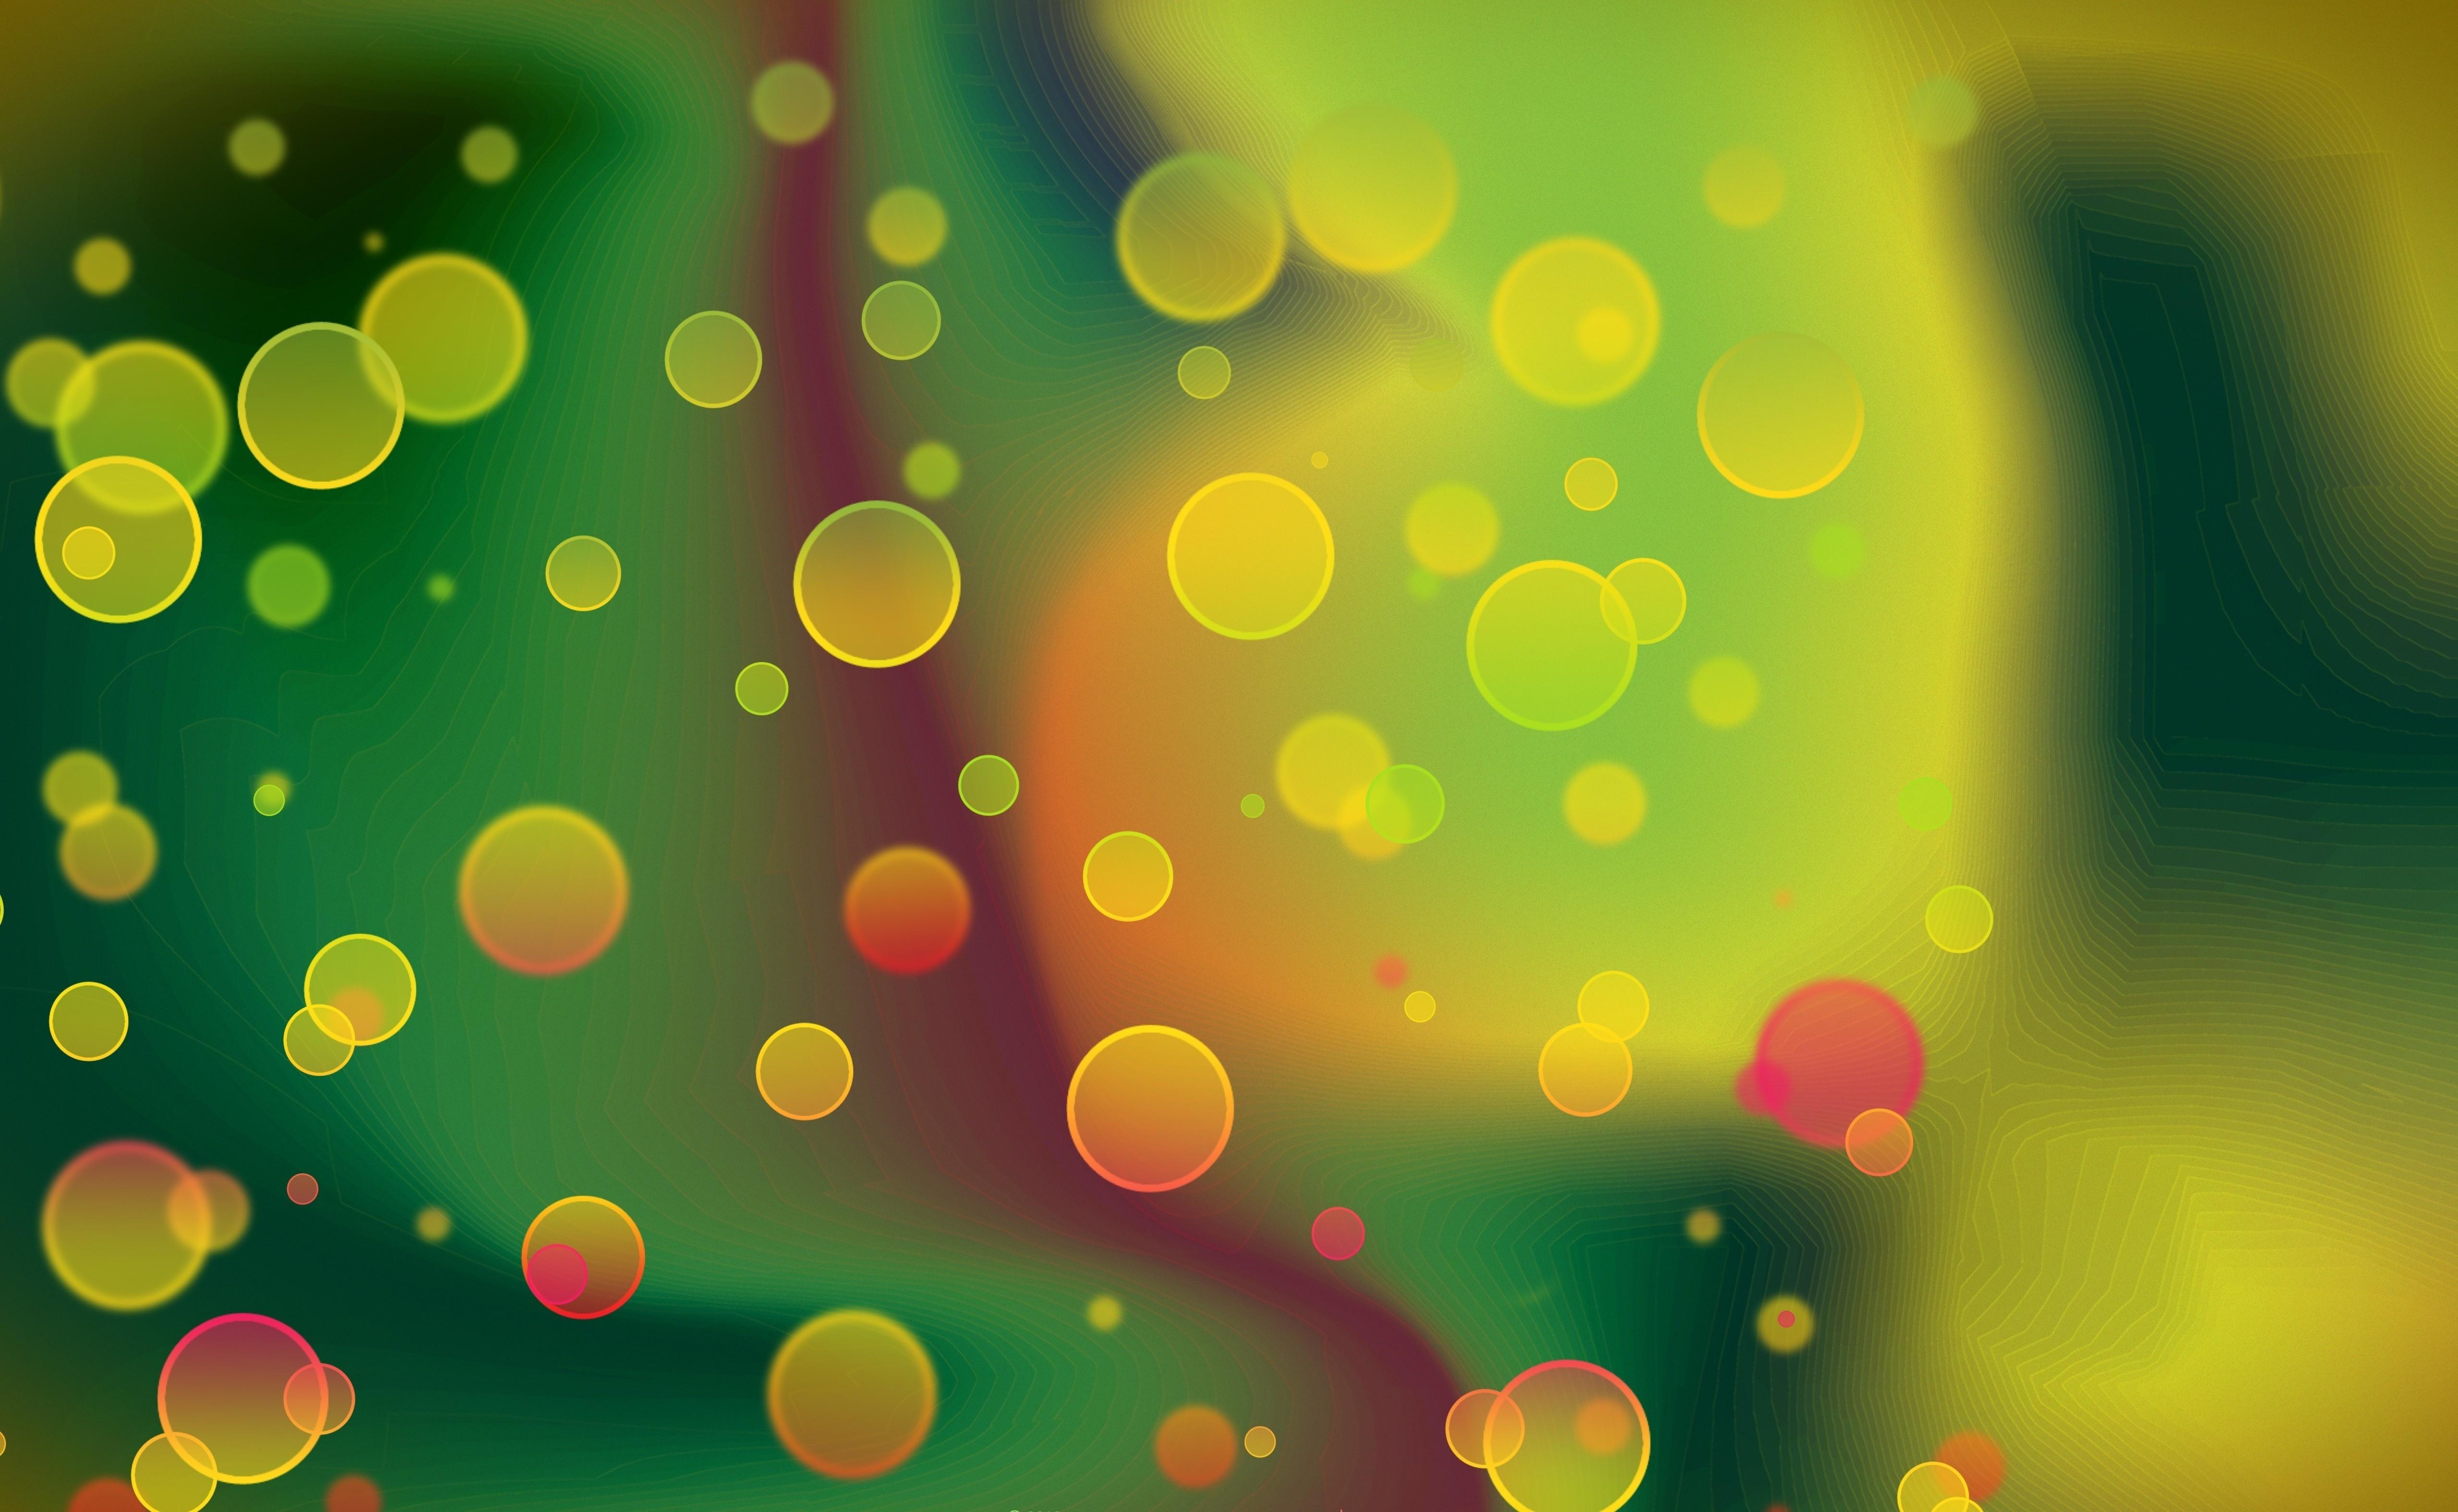 Картинка: Кружочки, блики, размытость, зелёный, жёлтый, рябь